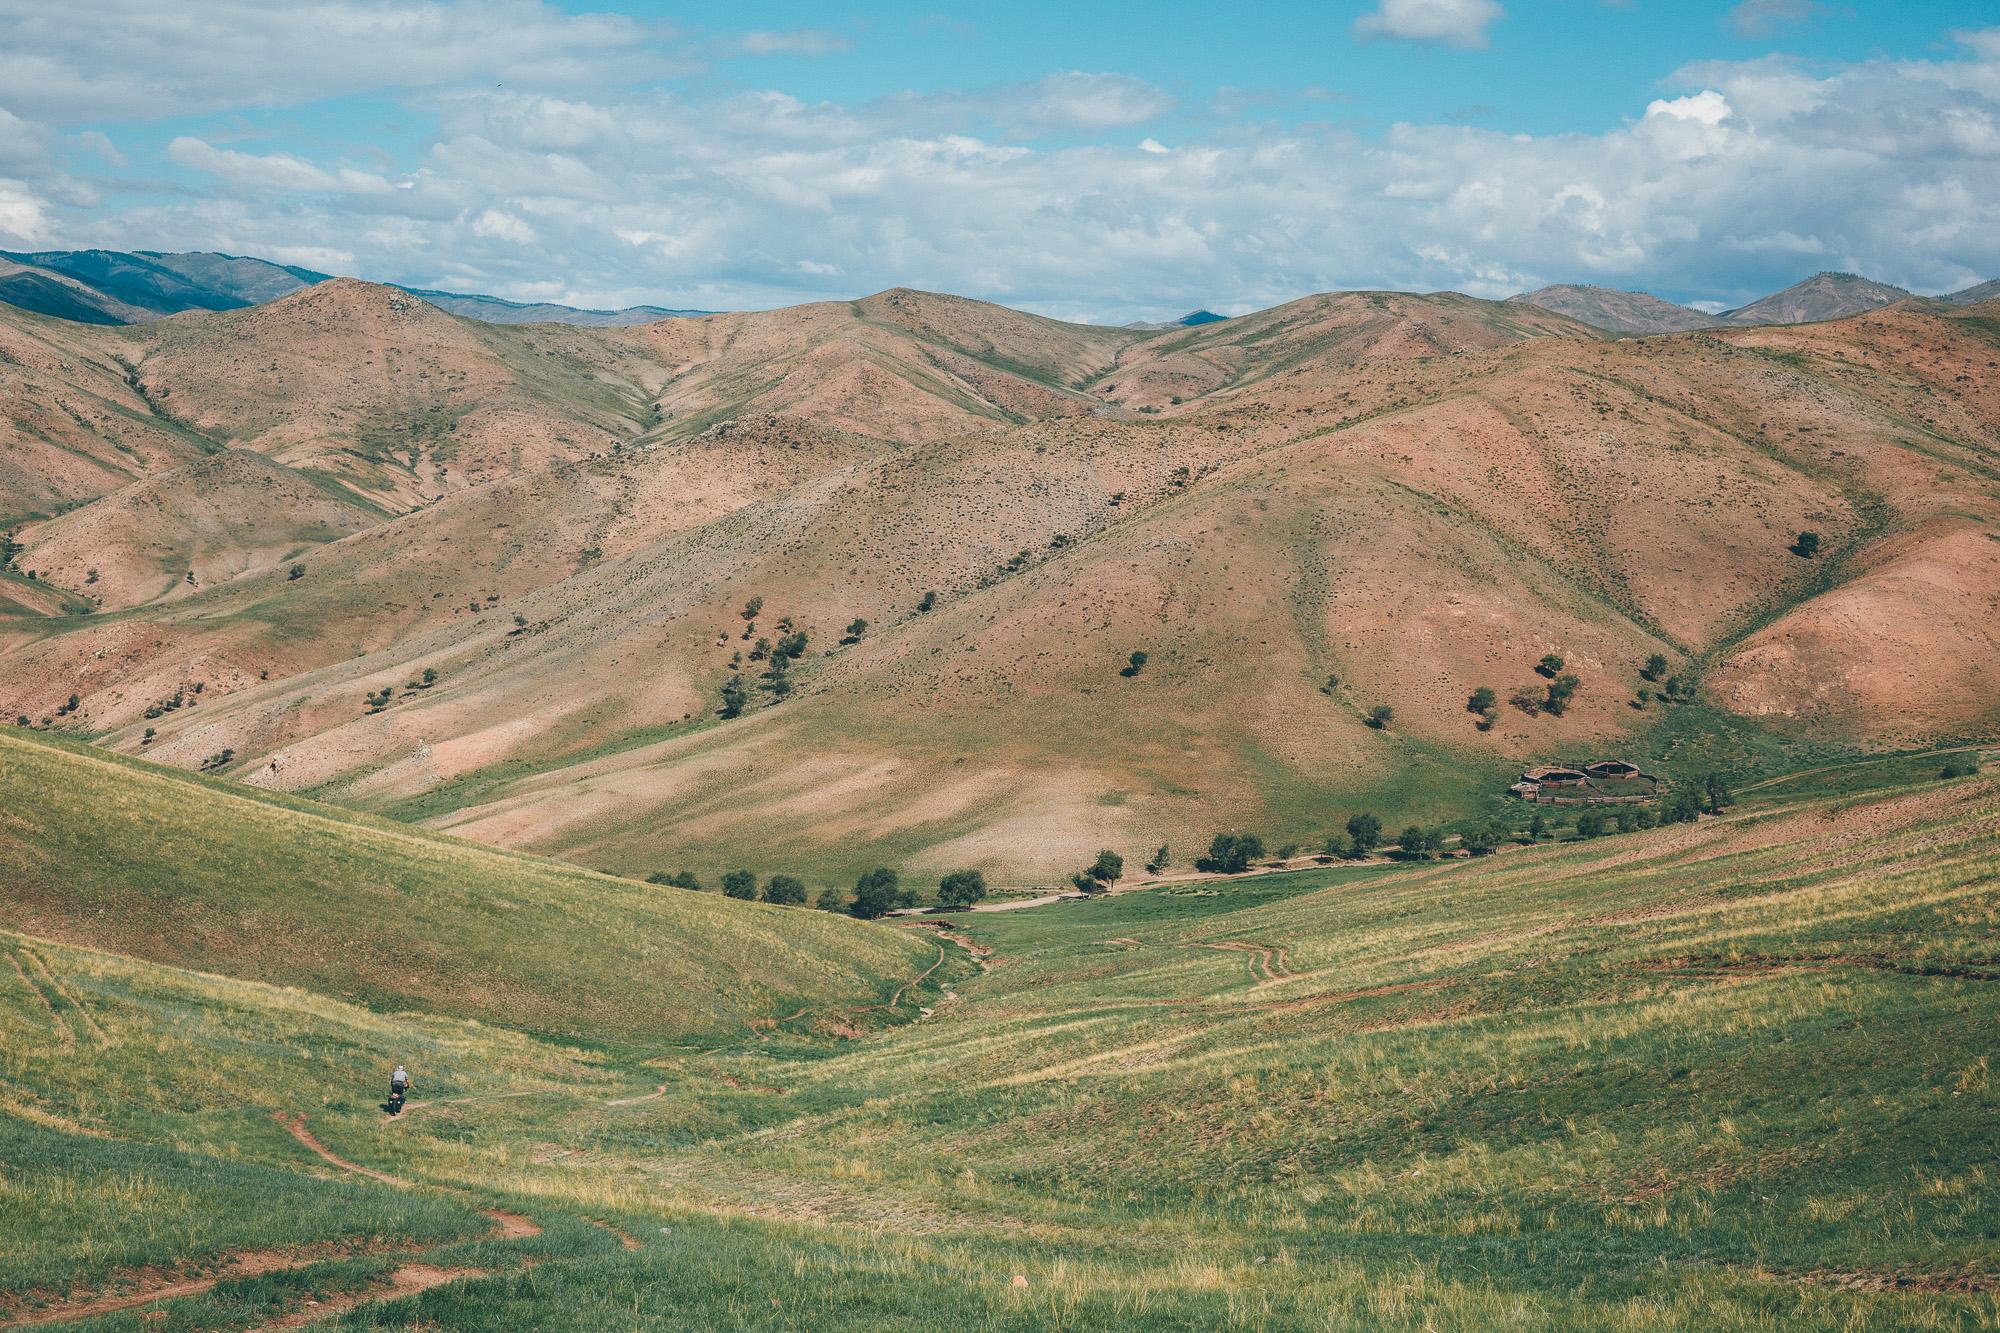 Tumbleweed Mongolia1.jpg